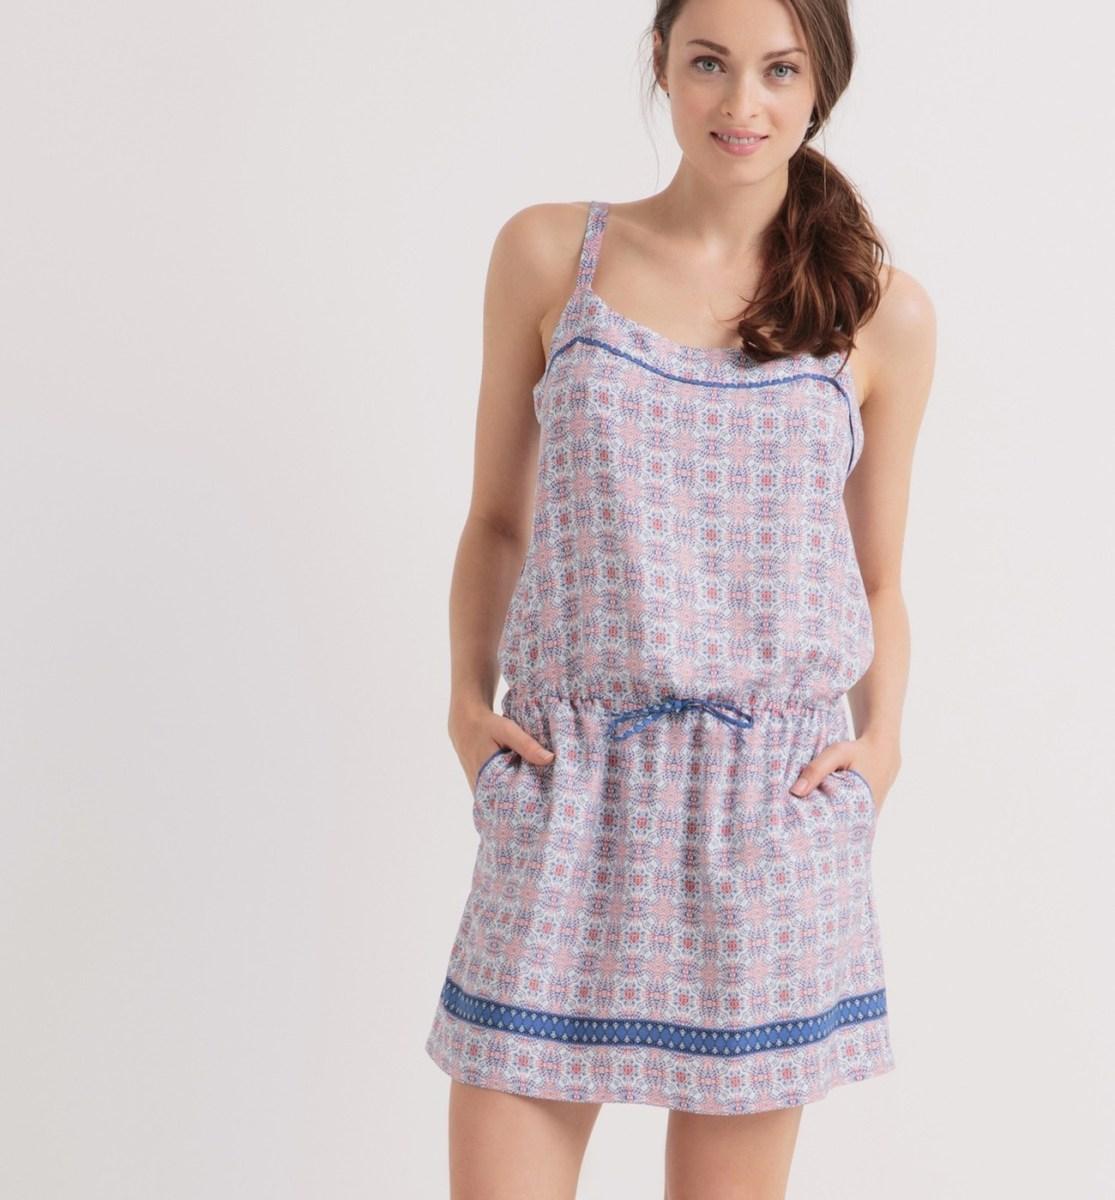 robe-a-bretelles-femme--gz417035-s4-produit-1300x1399